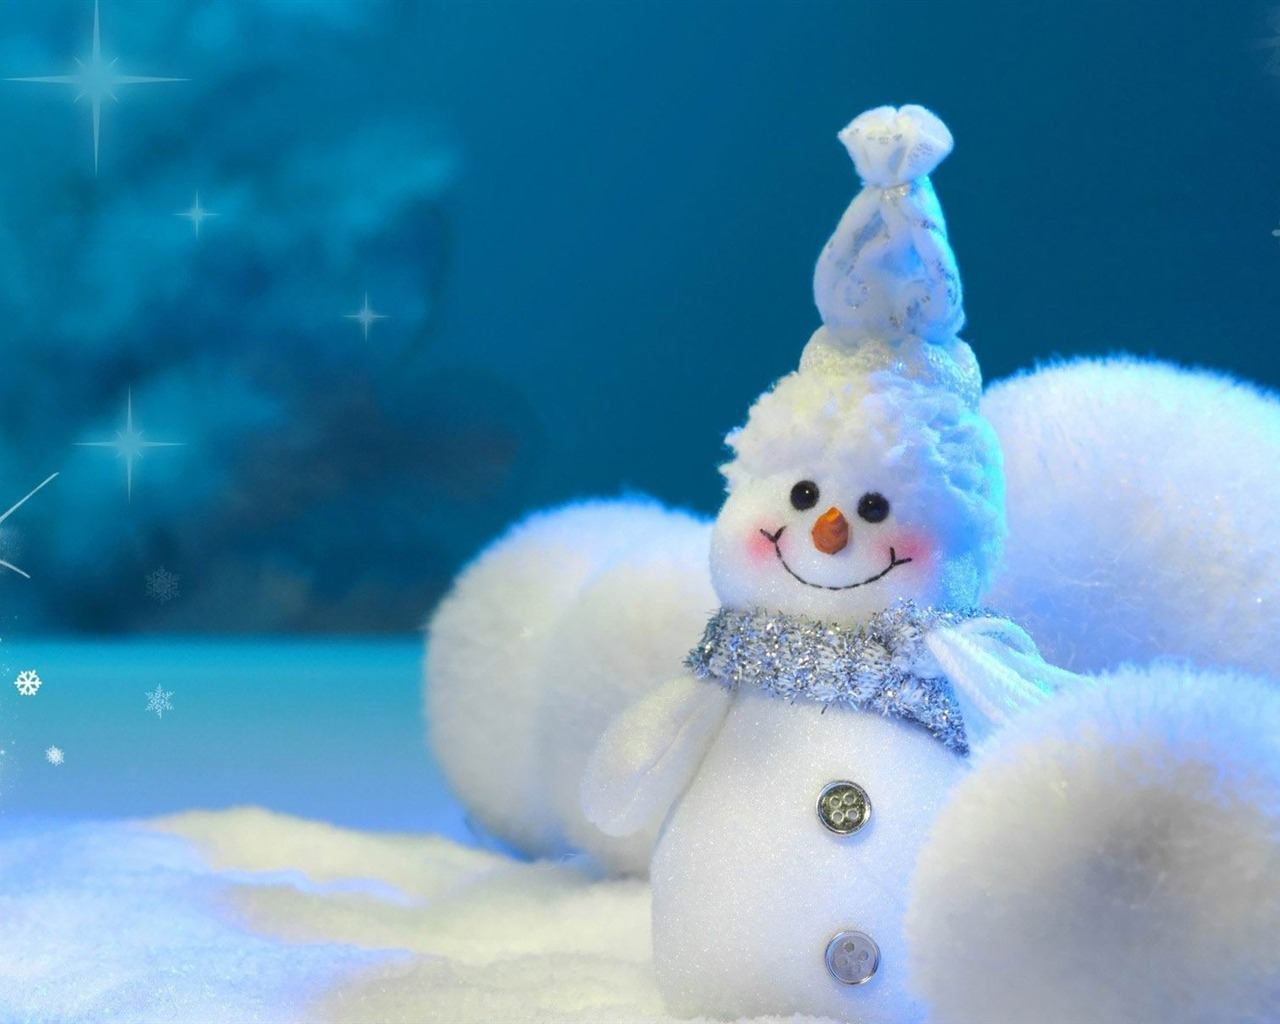 bonhomme de neige 2013 joyeux no l fond d 39 cran aper u. Black Bedroom Furniture Sets. Home Design Ideas